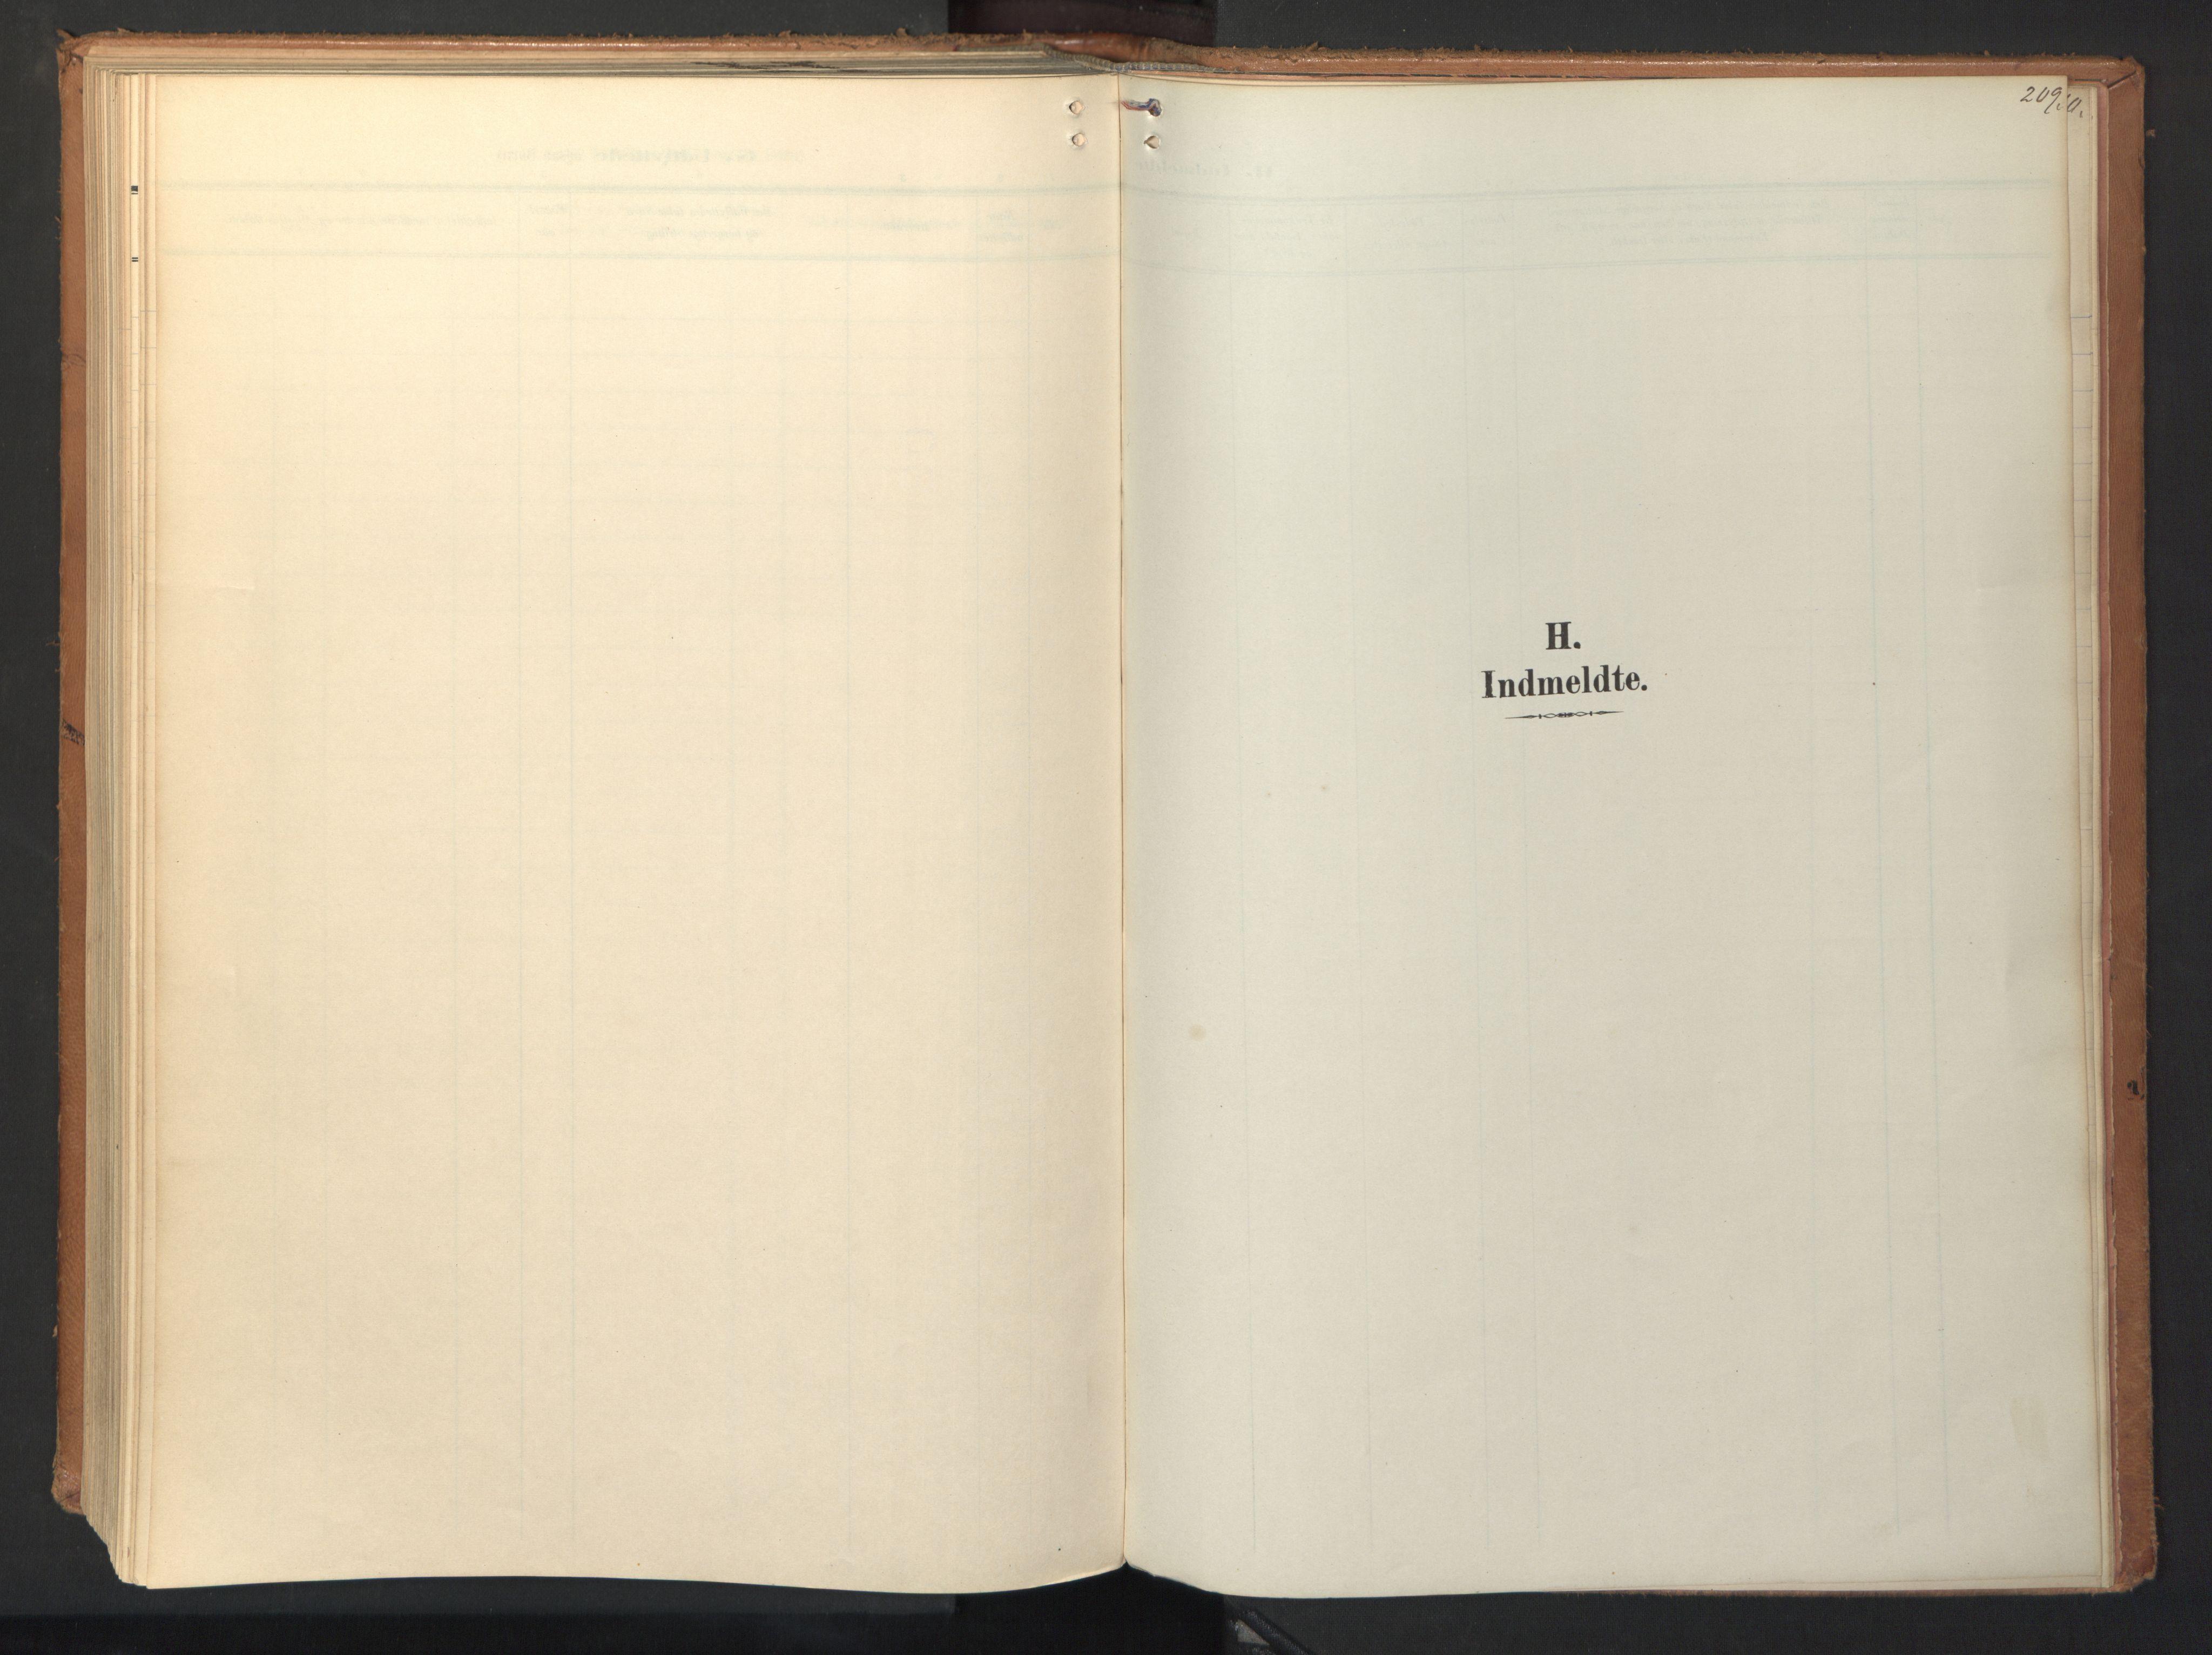 SAT, Ministerialprotokoller, klokkerbøker og fødselsregistre - Sør-Trøndelag, 694/L1128: Ministerialbok nr. 694A02, 1906-1931, s. 209